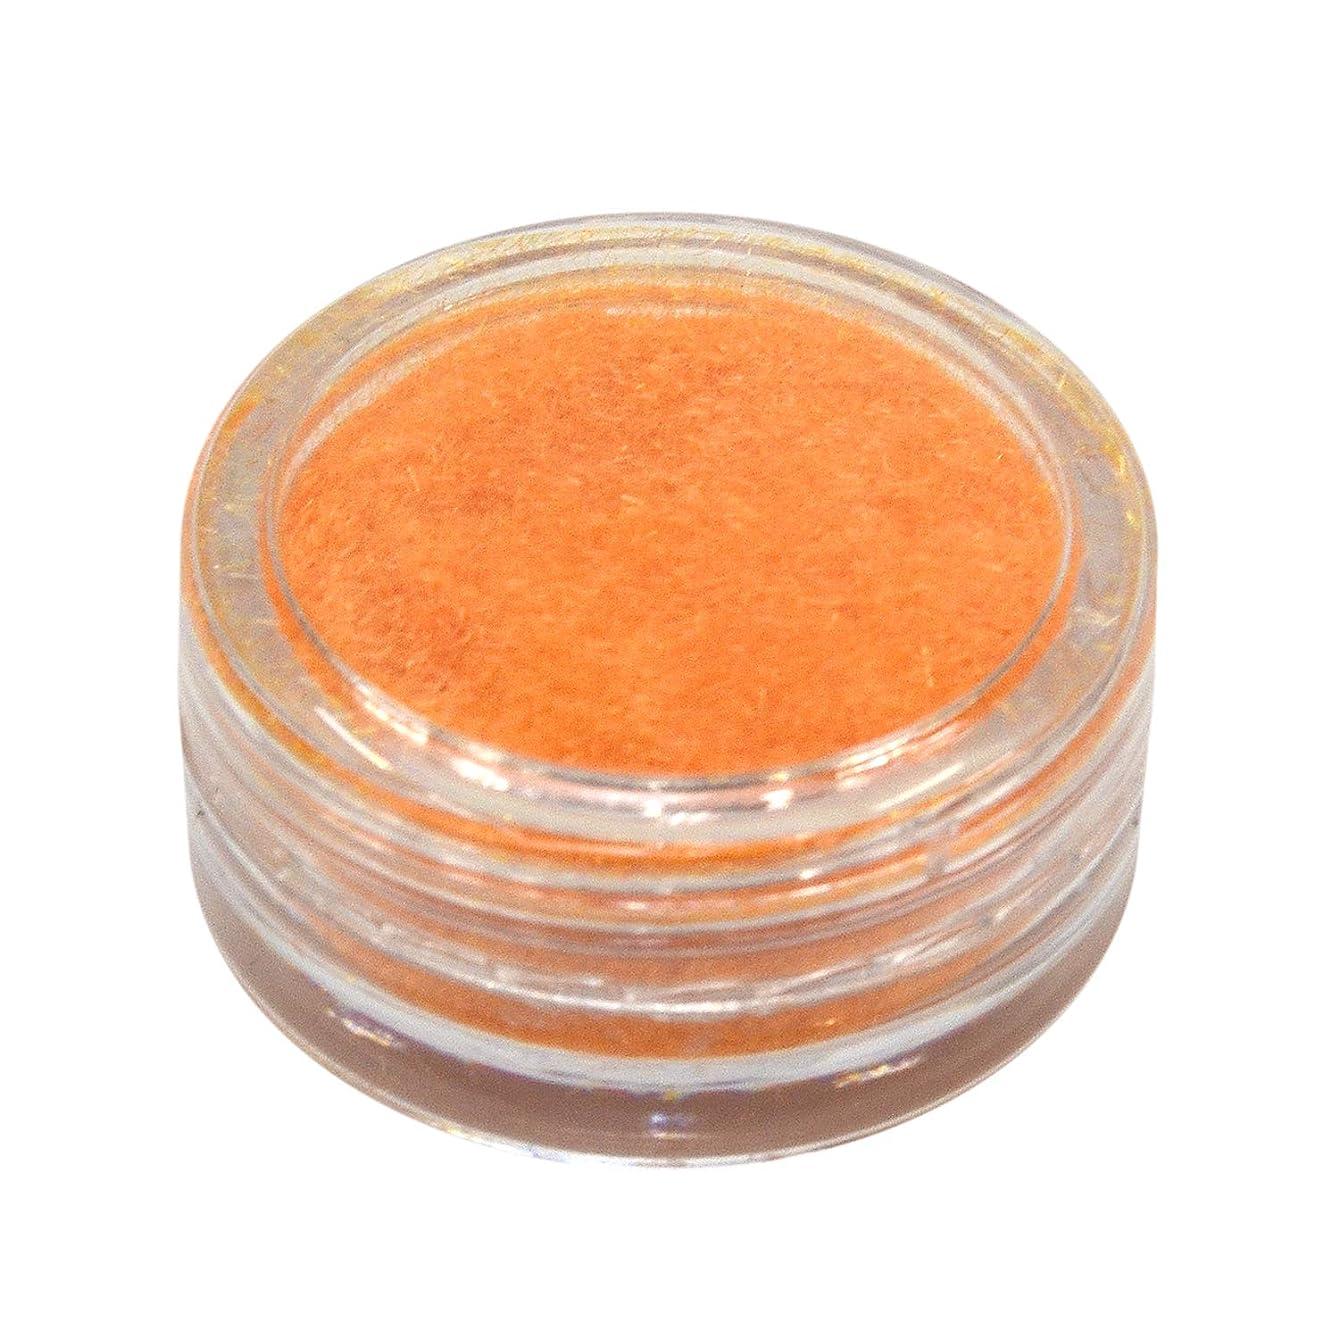 意気揚々些細な超音速ネルパラ ベルベットパウダー #30 オレンジ